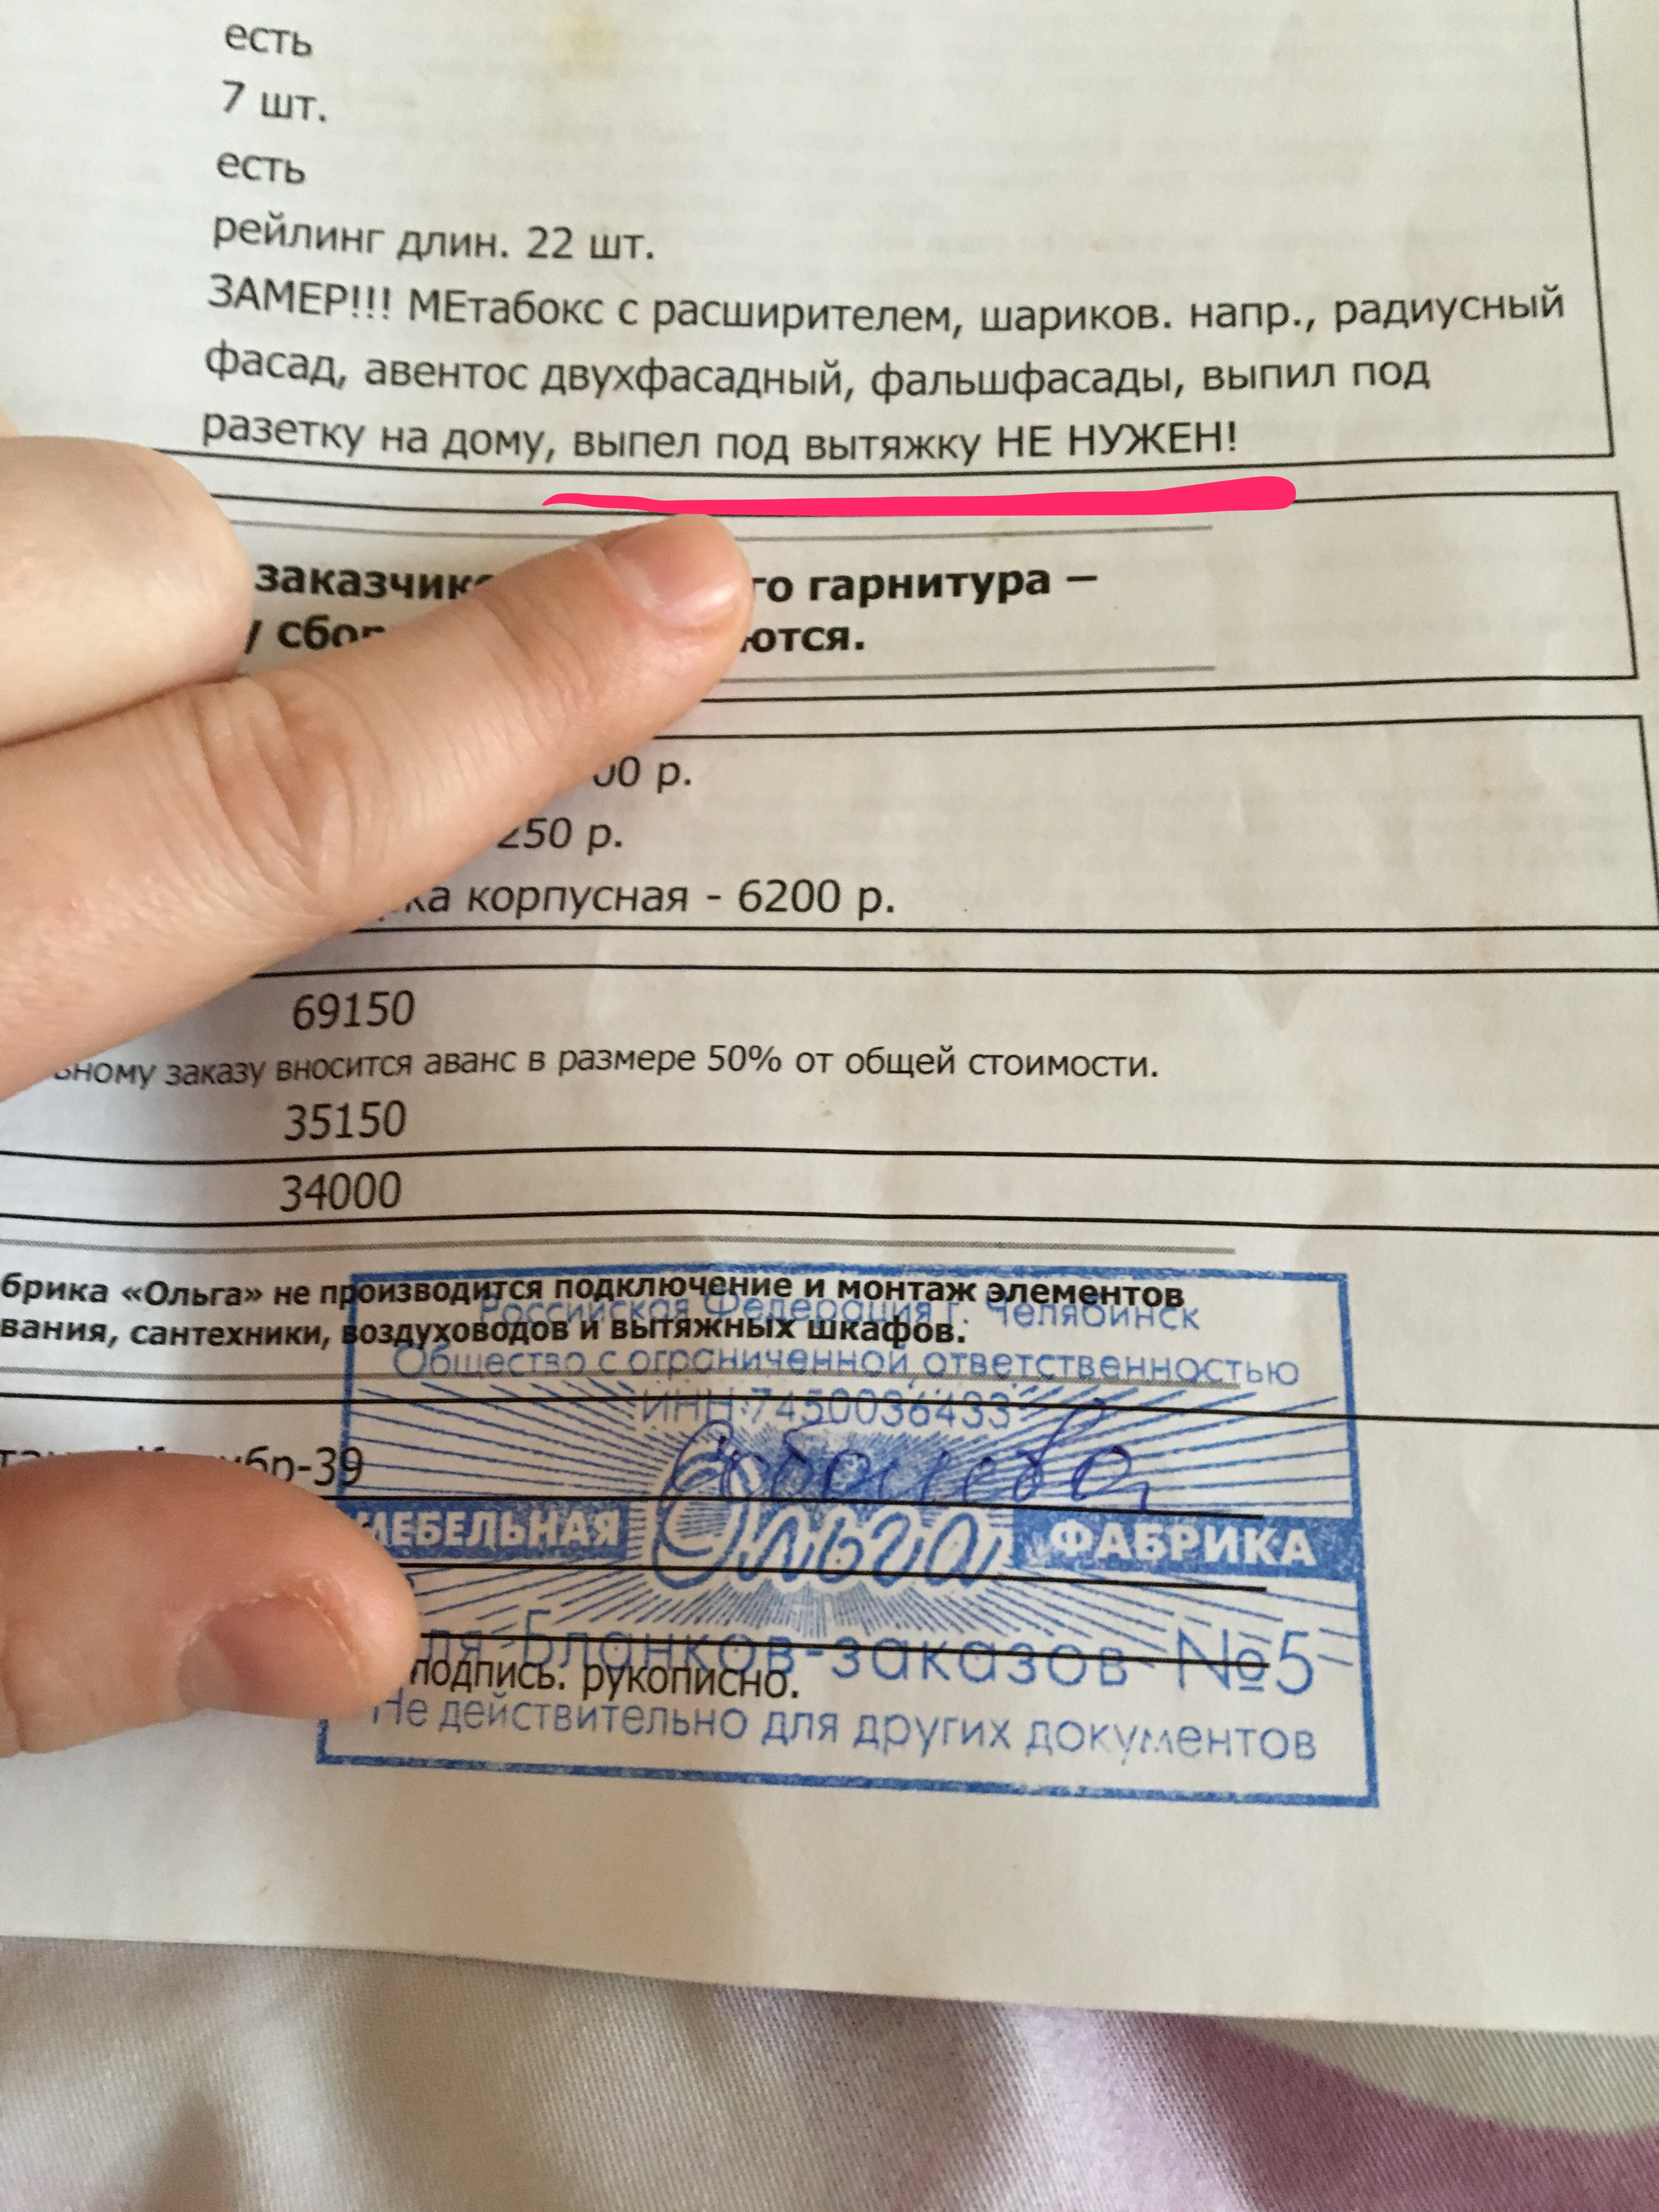 ольга фабрика мебели отзывы официальный сайт телефон адрес